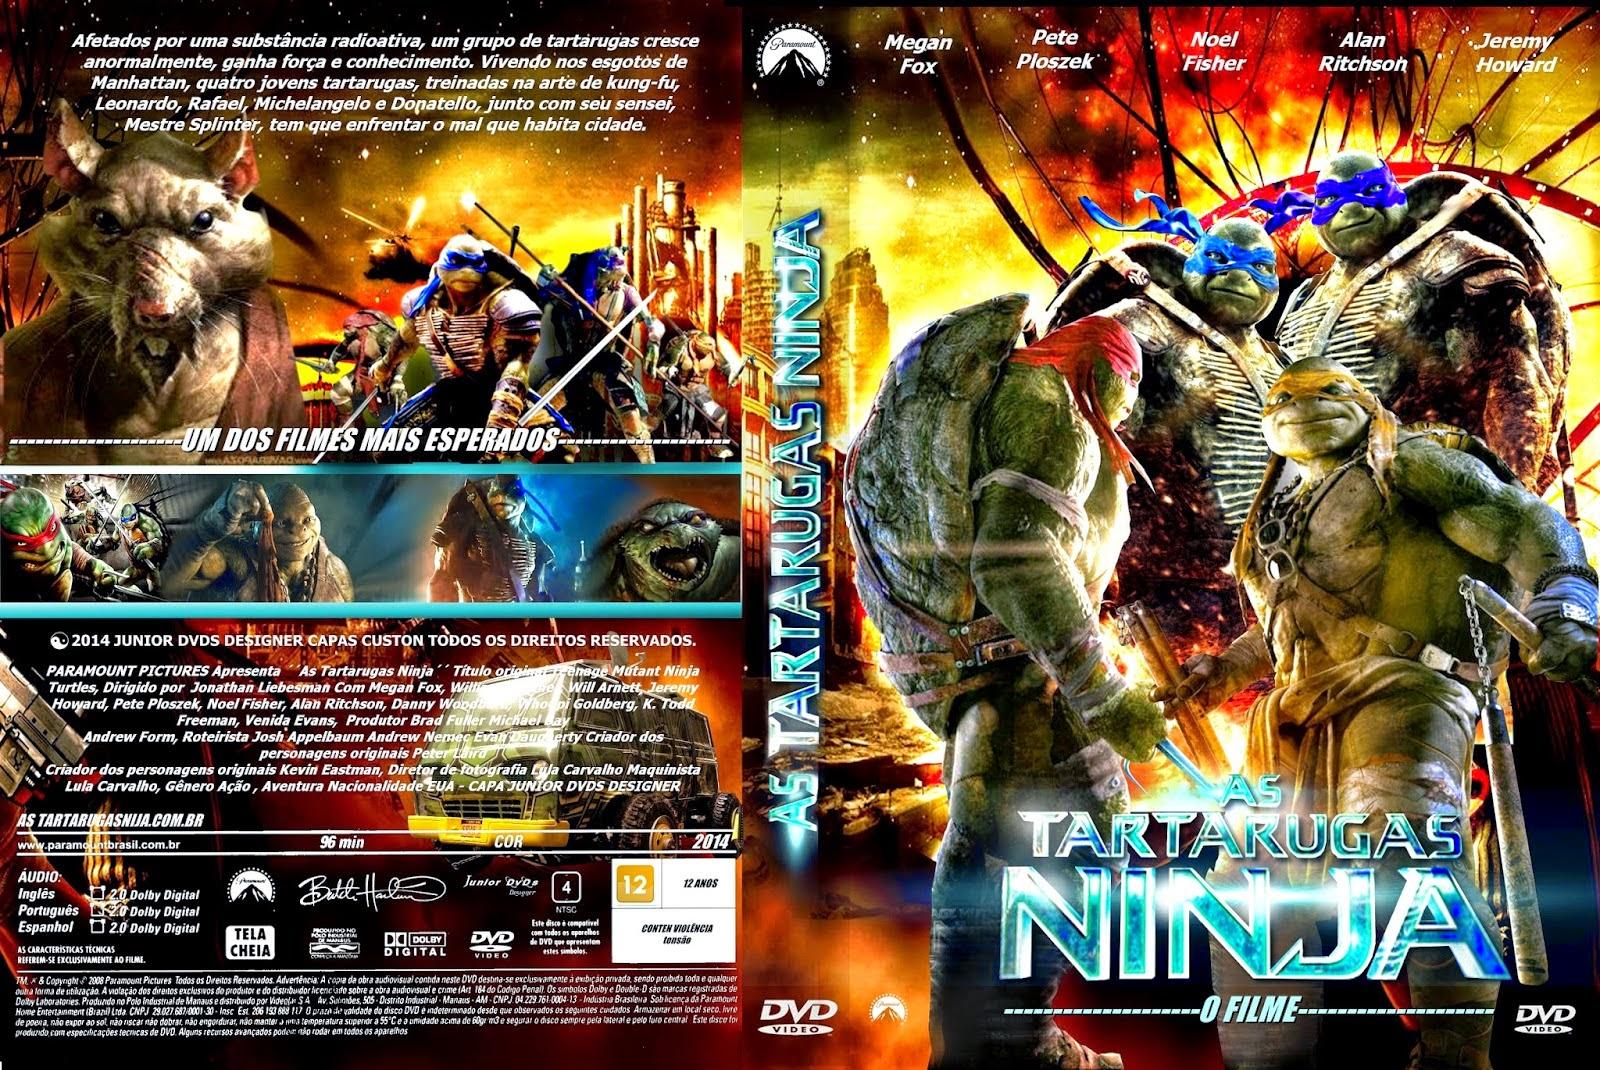 Tartaruga Ninja Filme Sem Venda